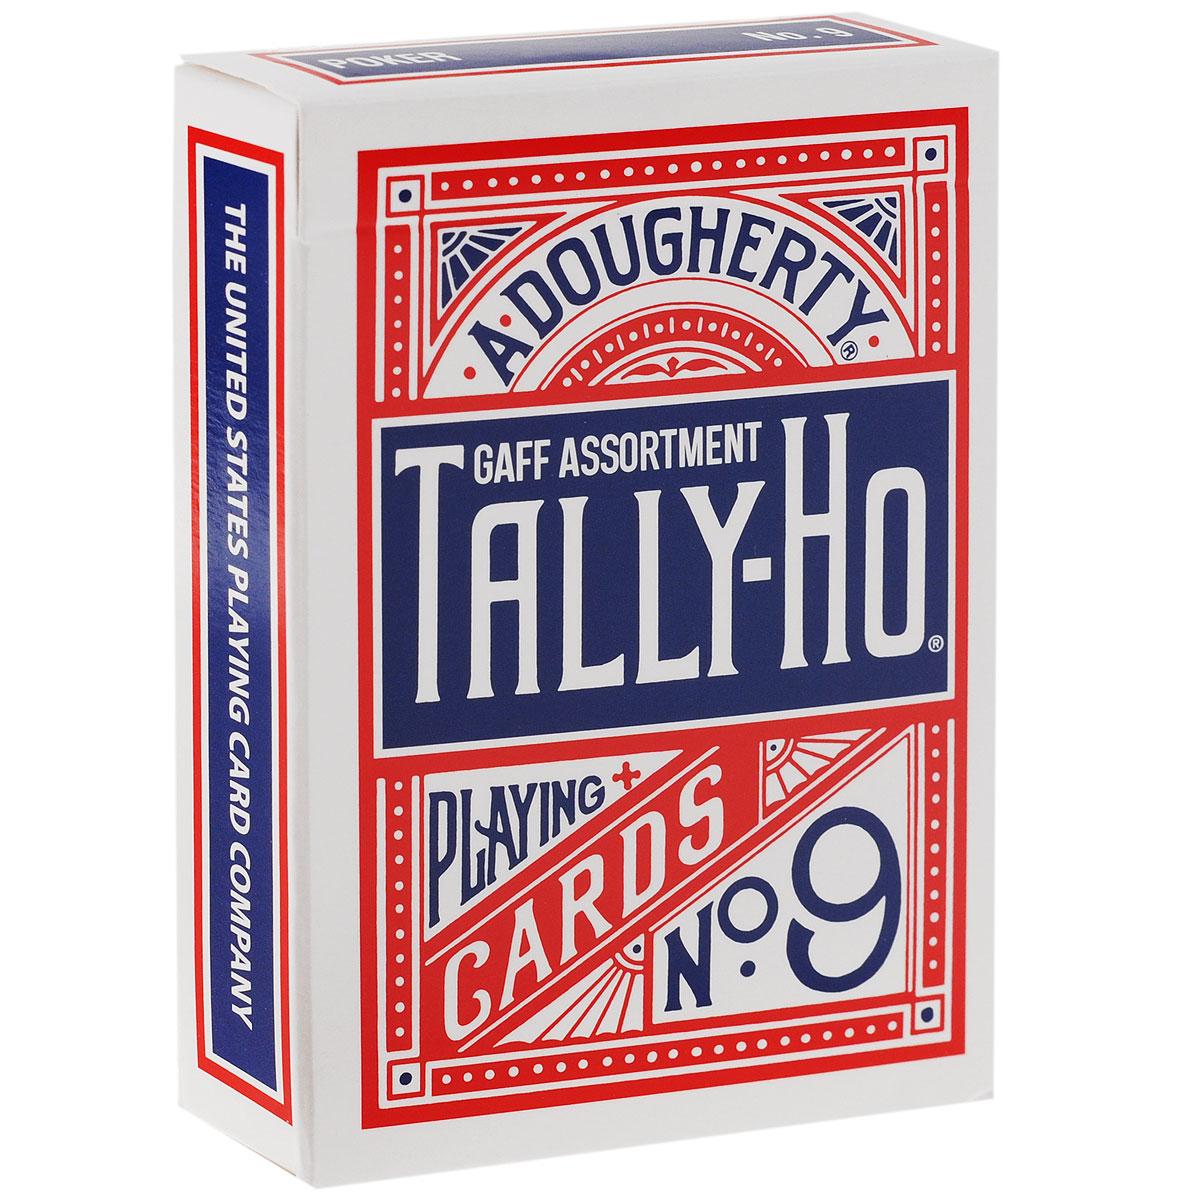 Карты для фокусов Tally-Ho Gaff Deck-CardGaffs, цвет: синий, красный, белый, 56 штК-326Карты для фокусов Tally-Ho Gaff Deck-CardGaffs изготовлены из многослойного картона со специальным пластиковым покрытием Linoid Finish, которое обеспечивает хорошее скольжение и жесткость, а также сохраняет карты от выцветания и изнашивания. Карты стандартного покерного размера и дизайна. Рубашки имеют красивый рисунок в китайском стиле с белой окантовкой. С такими картами очень просто сделать веер и флориш, они легко летают, идеально подходят для фокусов, различных трюков и манипуляций. Tally-Ho Gaff Deck-CardGaffs - содержит множество полезных гафф карт в классическом дизайне Tally-Ho. Колода содержит красные и синие карты дизайна рубашки Fan и Circle. Колода включает карты: С двухсторонней рубашкой - красная/красная, синяя/синяя, красная/синяя и другие. Двухцветные рубашки - разделённые по горизонтали, вертикали и диагонали. Также с двухсторонней рубашкой, с одной стороны дизайн Tally-Ho, с другой Bicycle. Карты с...